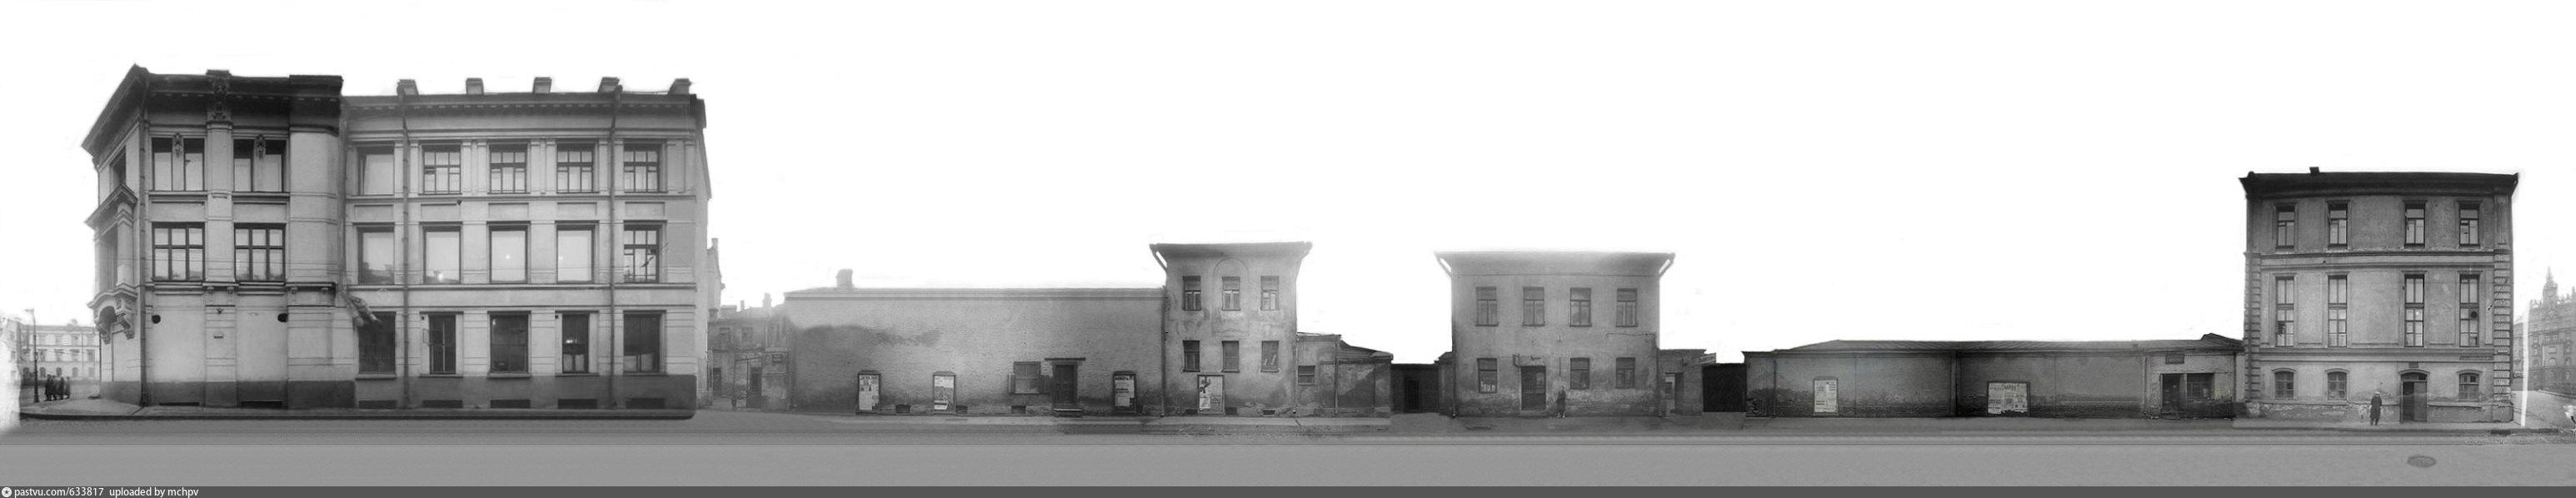 633817 Панорама Водопьяного переулка сер 30-х.jpg